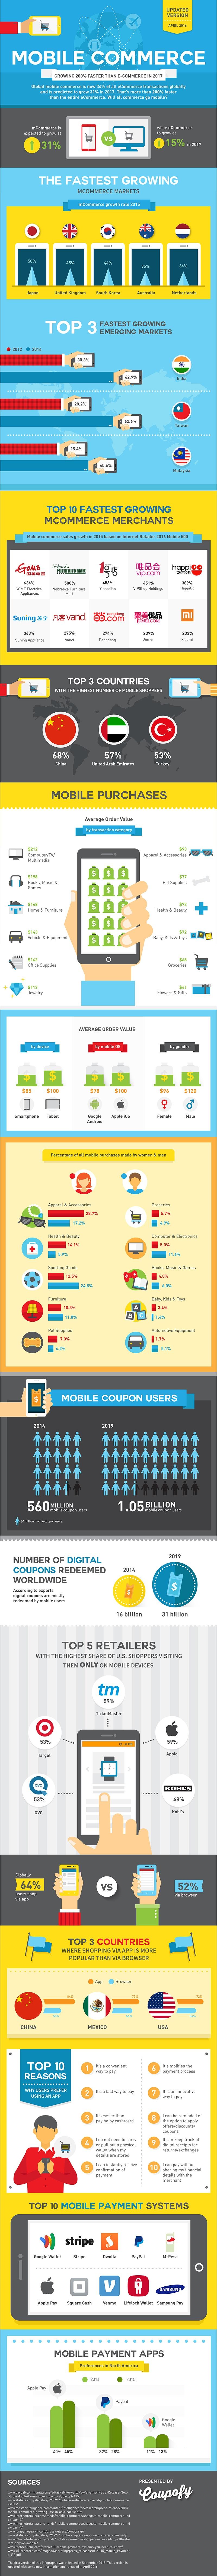 mobile_commerce_infographic.jpg